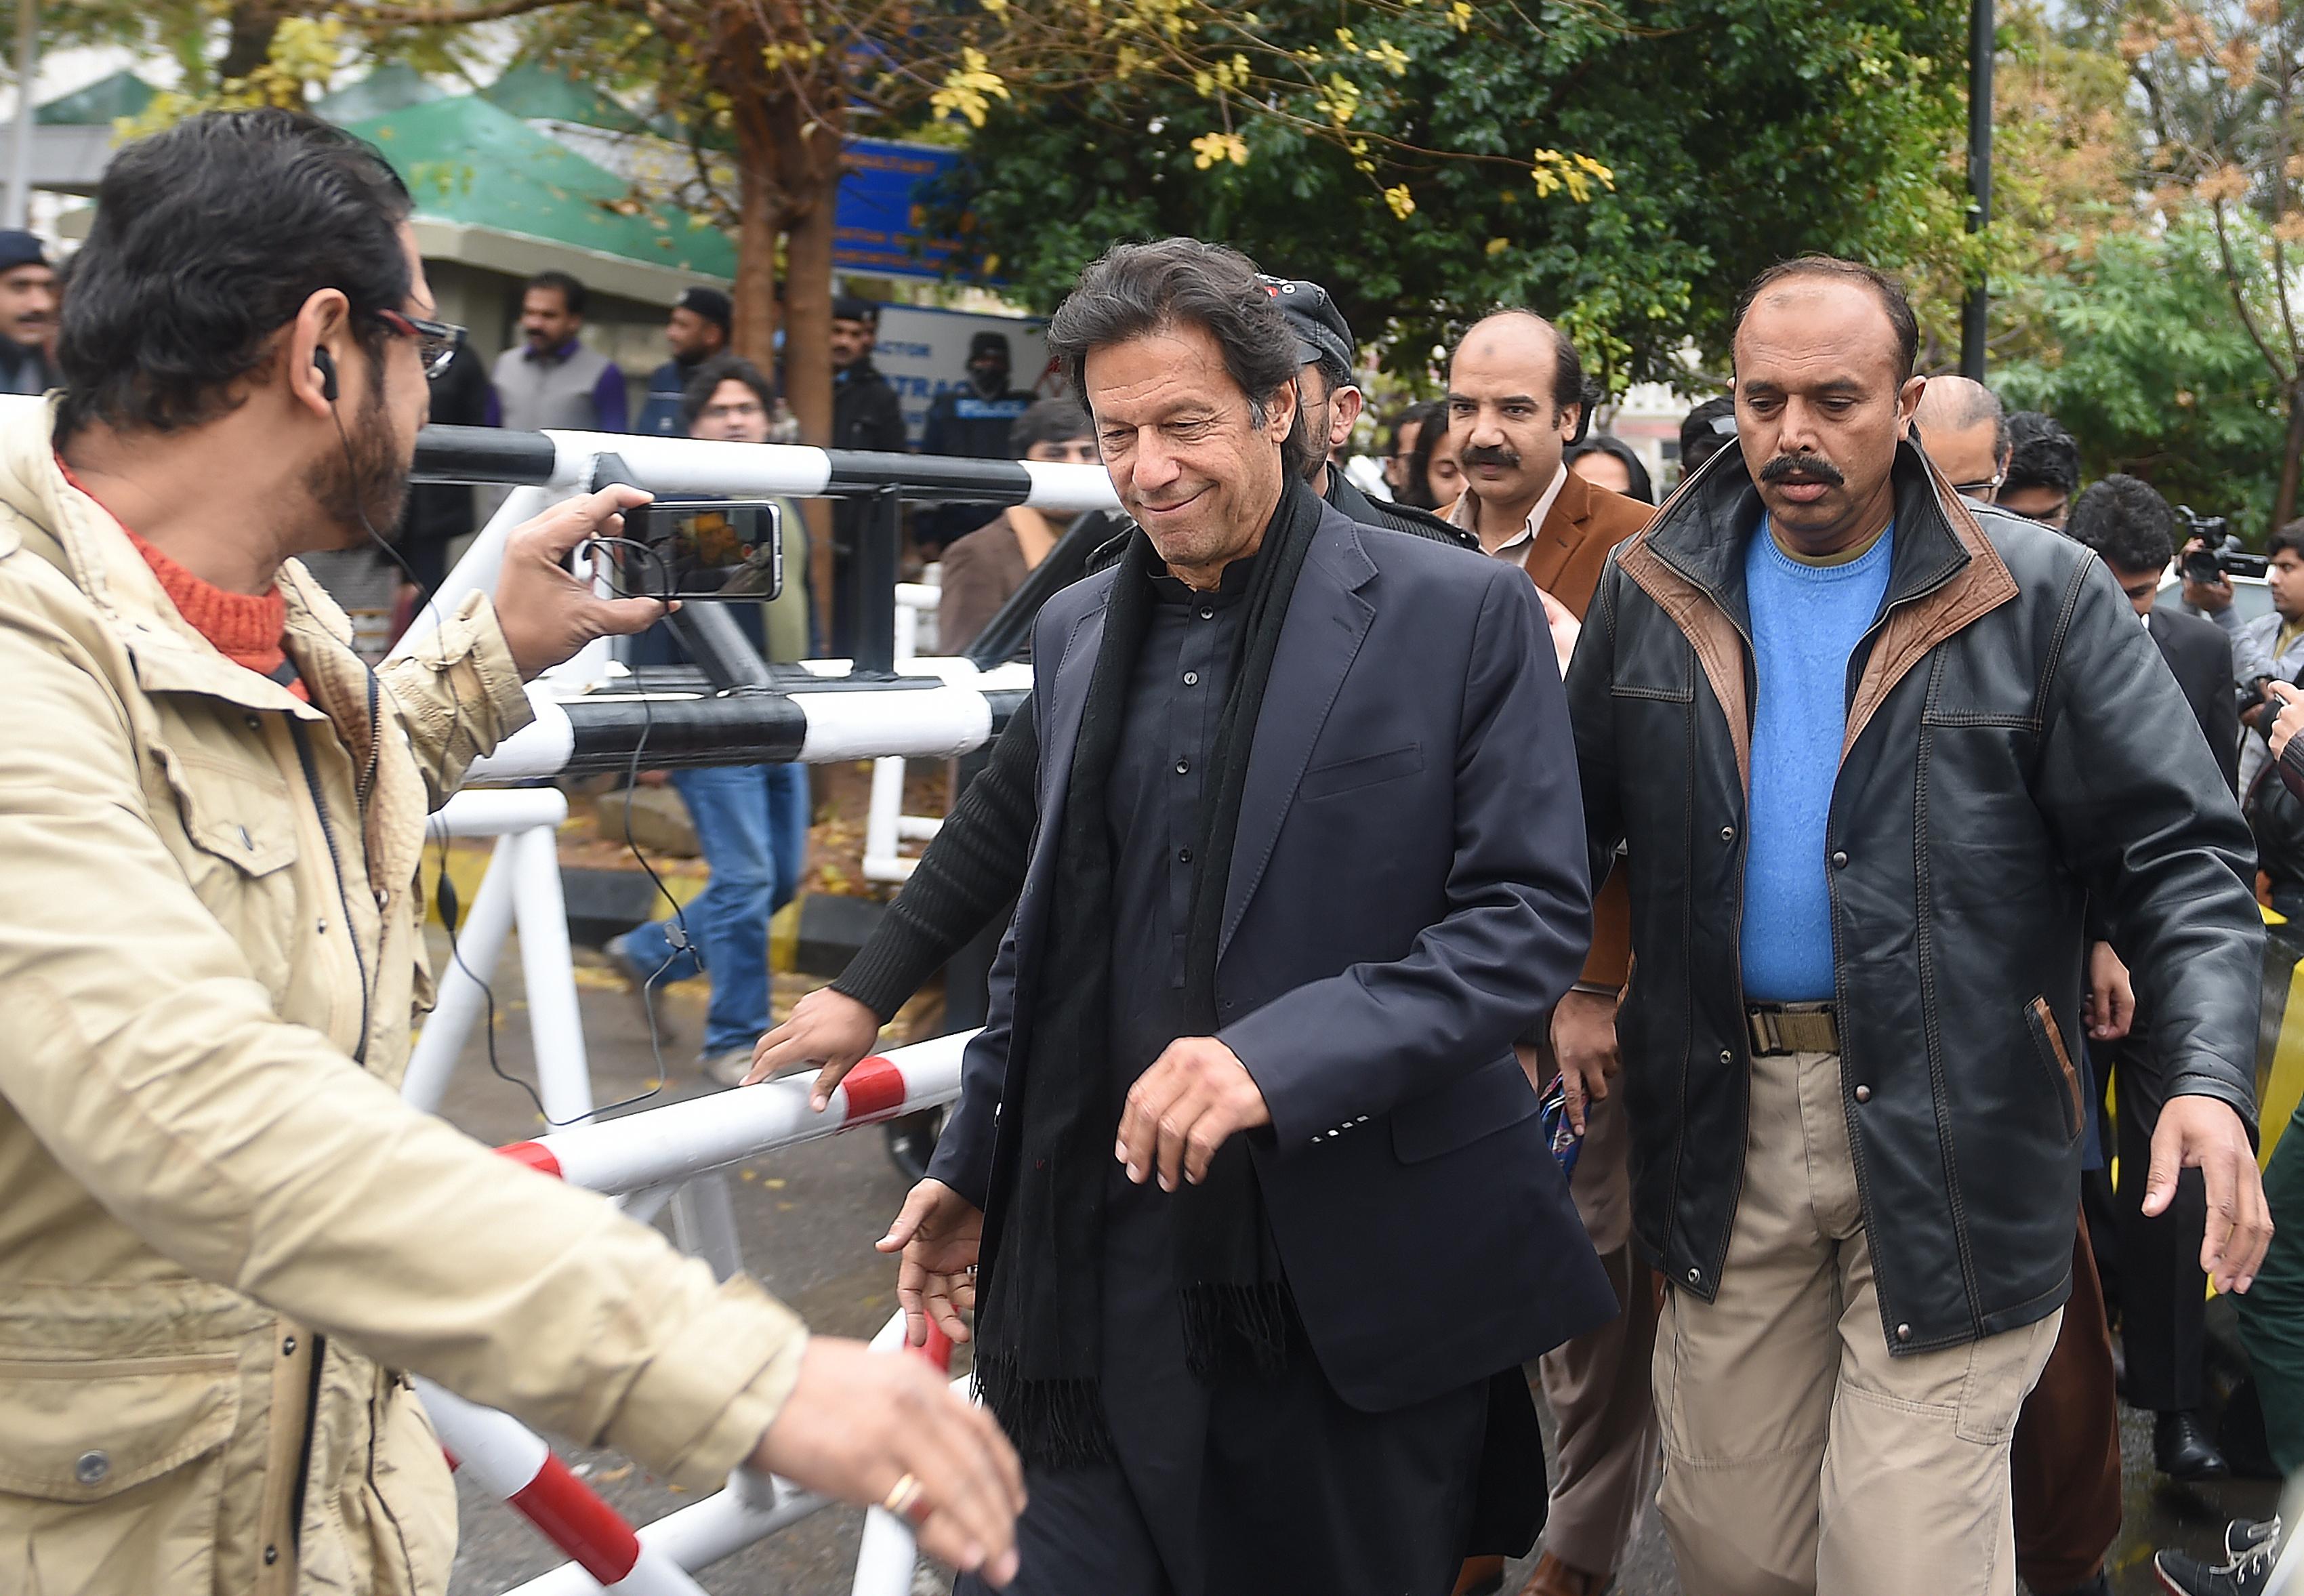 پاکستان میں دہشت گردی اور تشدد کے خلاف جنگ میں جمہوریت حوصلہ افزا ثابت ہو رہی ہے